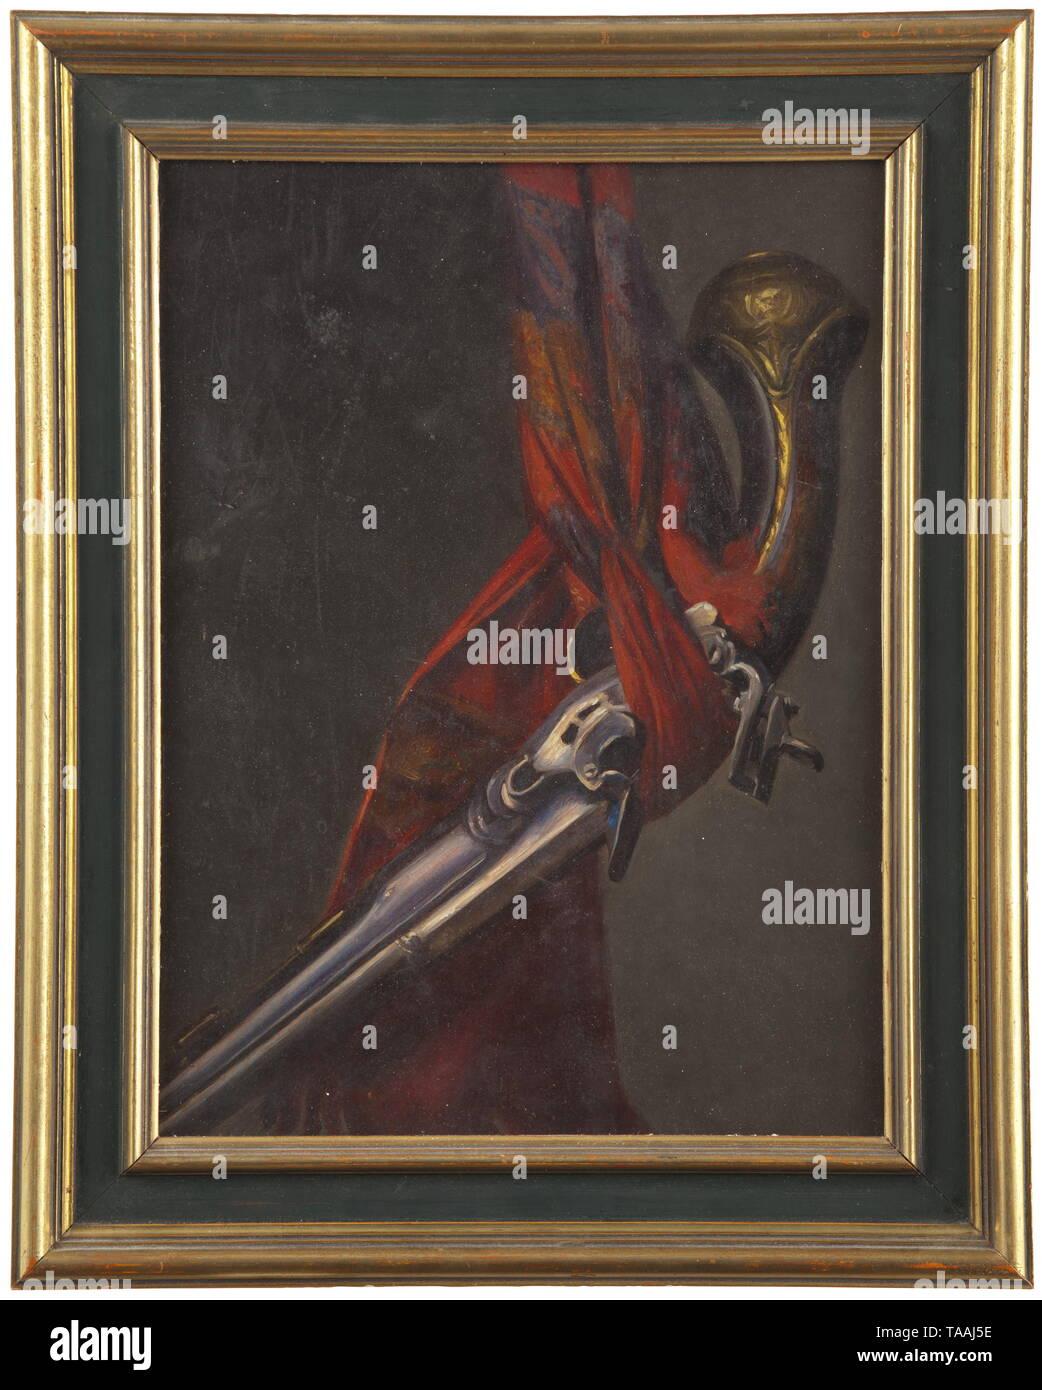 Malerei, Stillleben mit Pistole, Öl auf Pappe, Frankreich oder Spanien, ca. 1900,- Additional-Rights Clearance-Info - Not-Available Stockbild